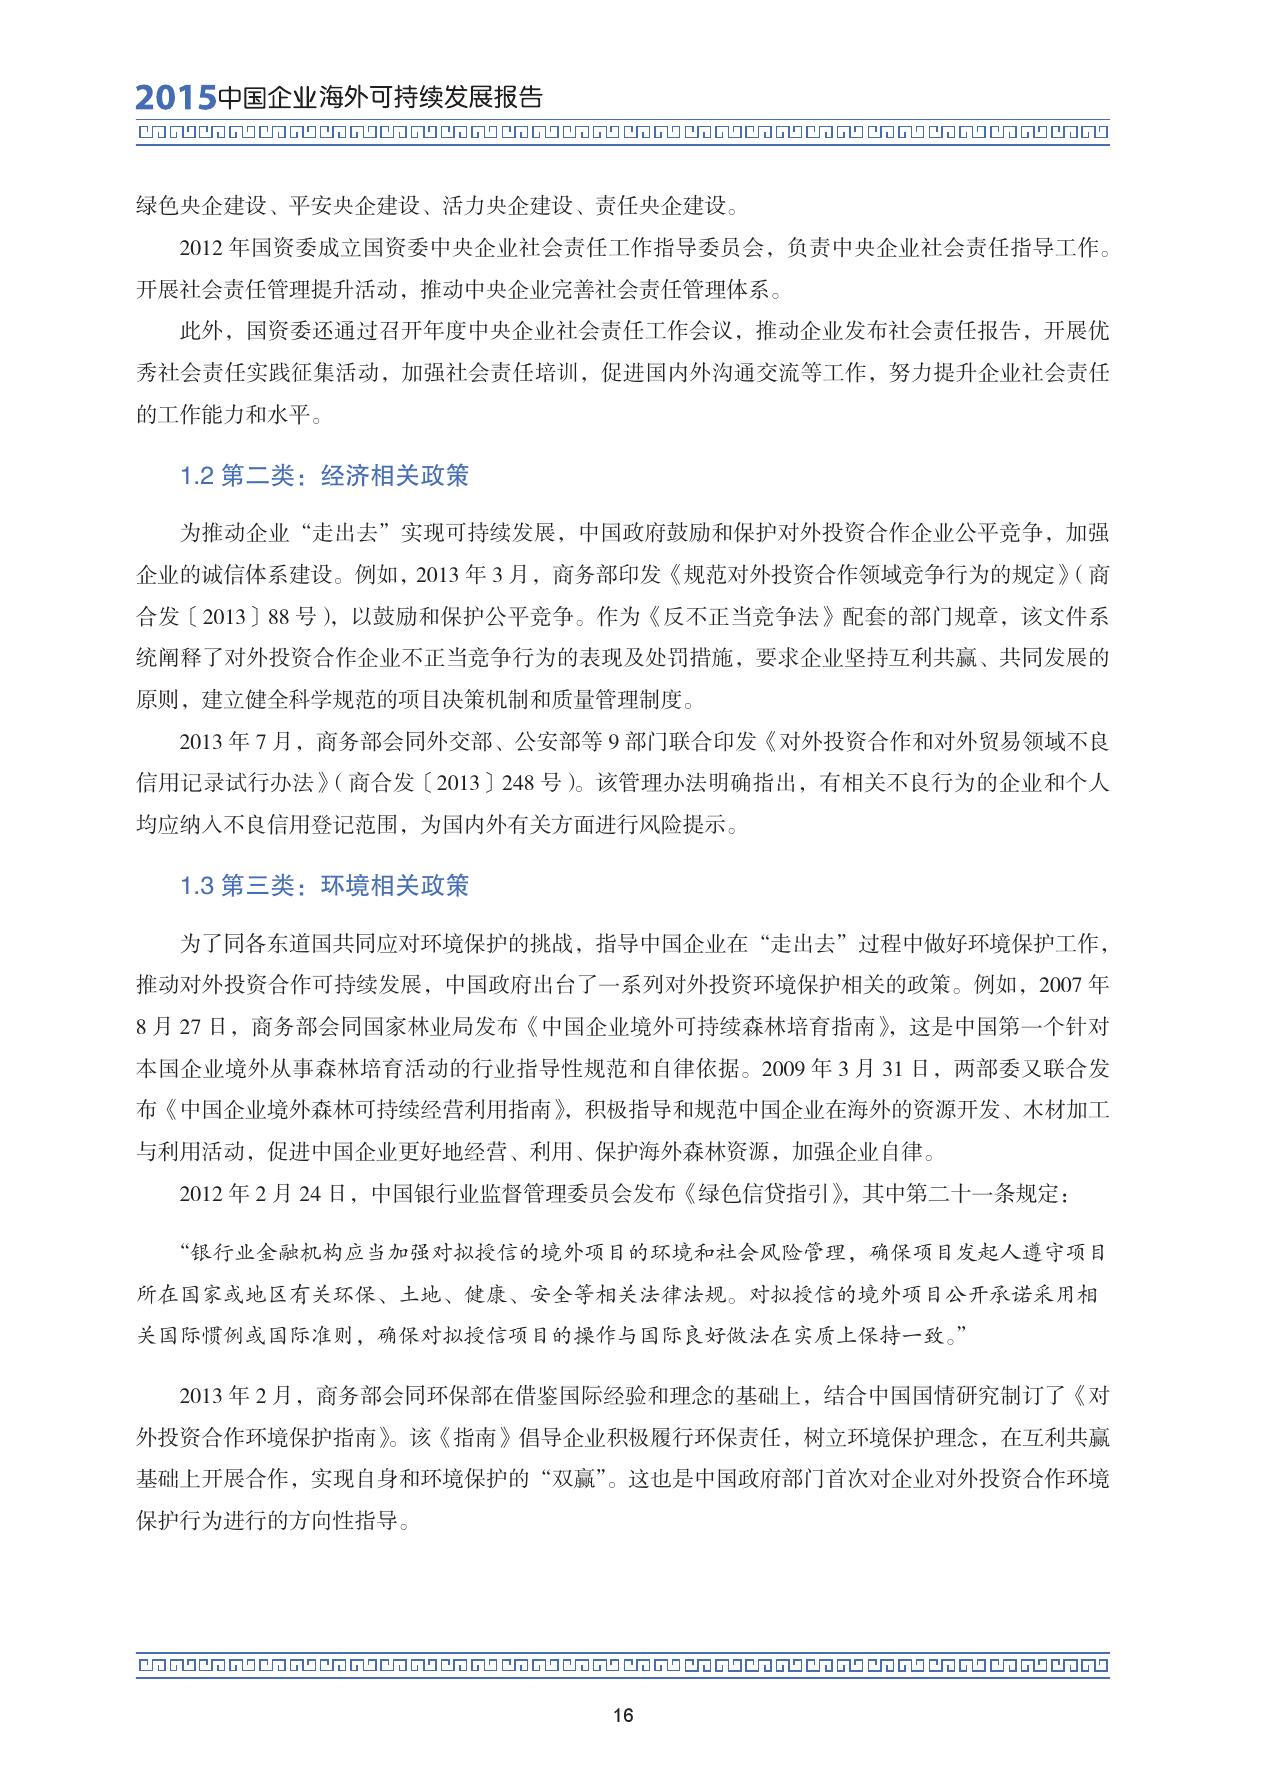 2015中国企业海外可持续发展报告_000030